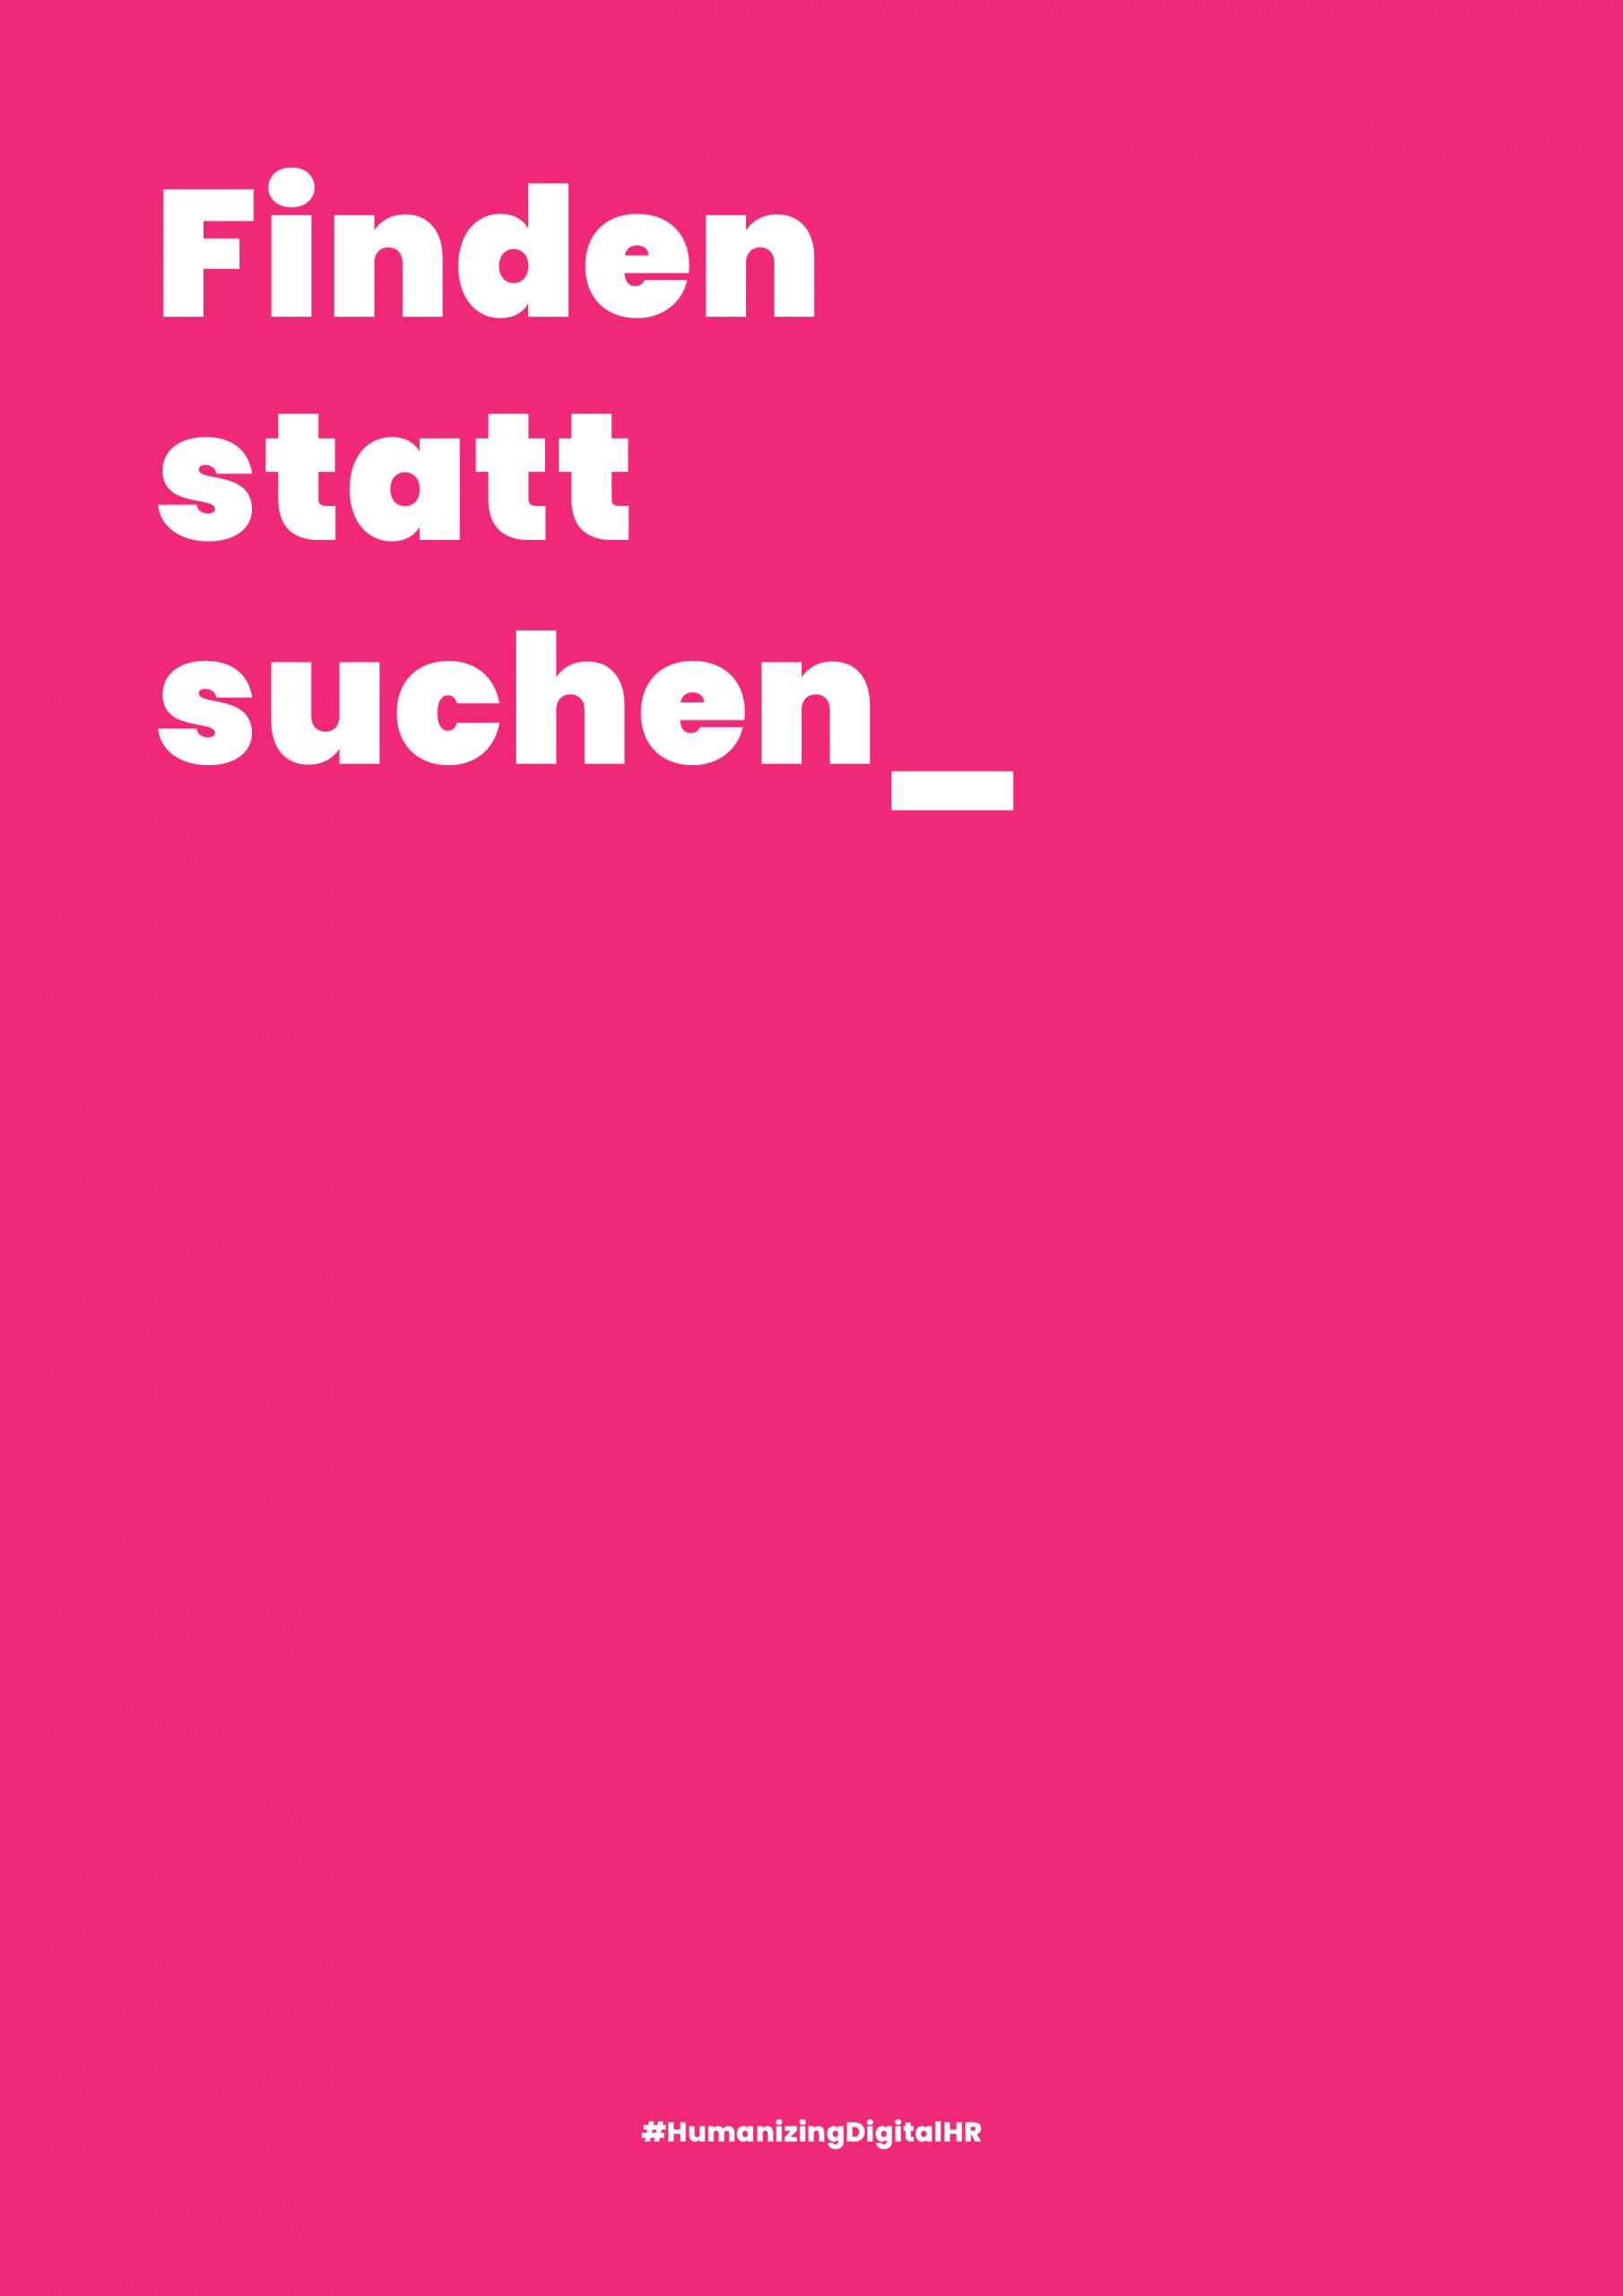 Layout_Poster_gruene3_Suchen